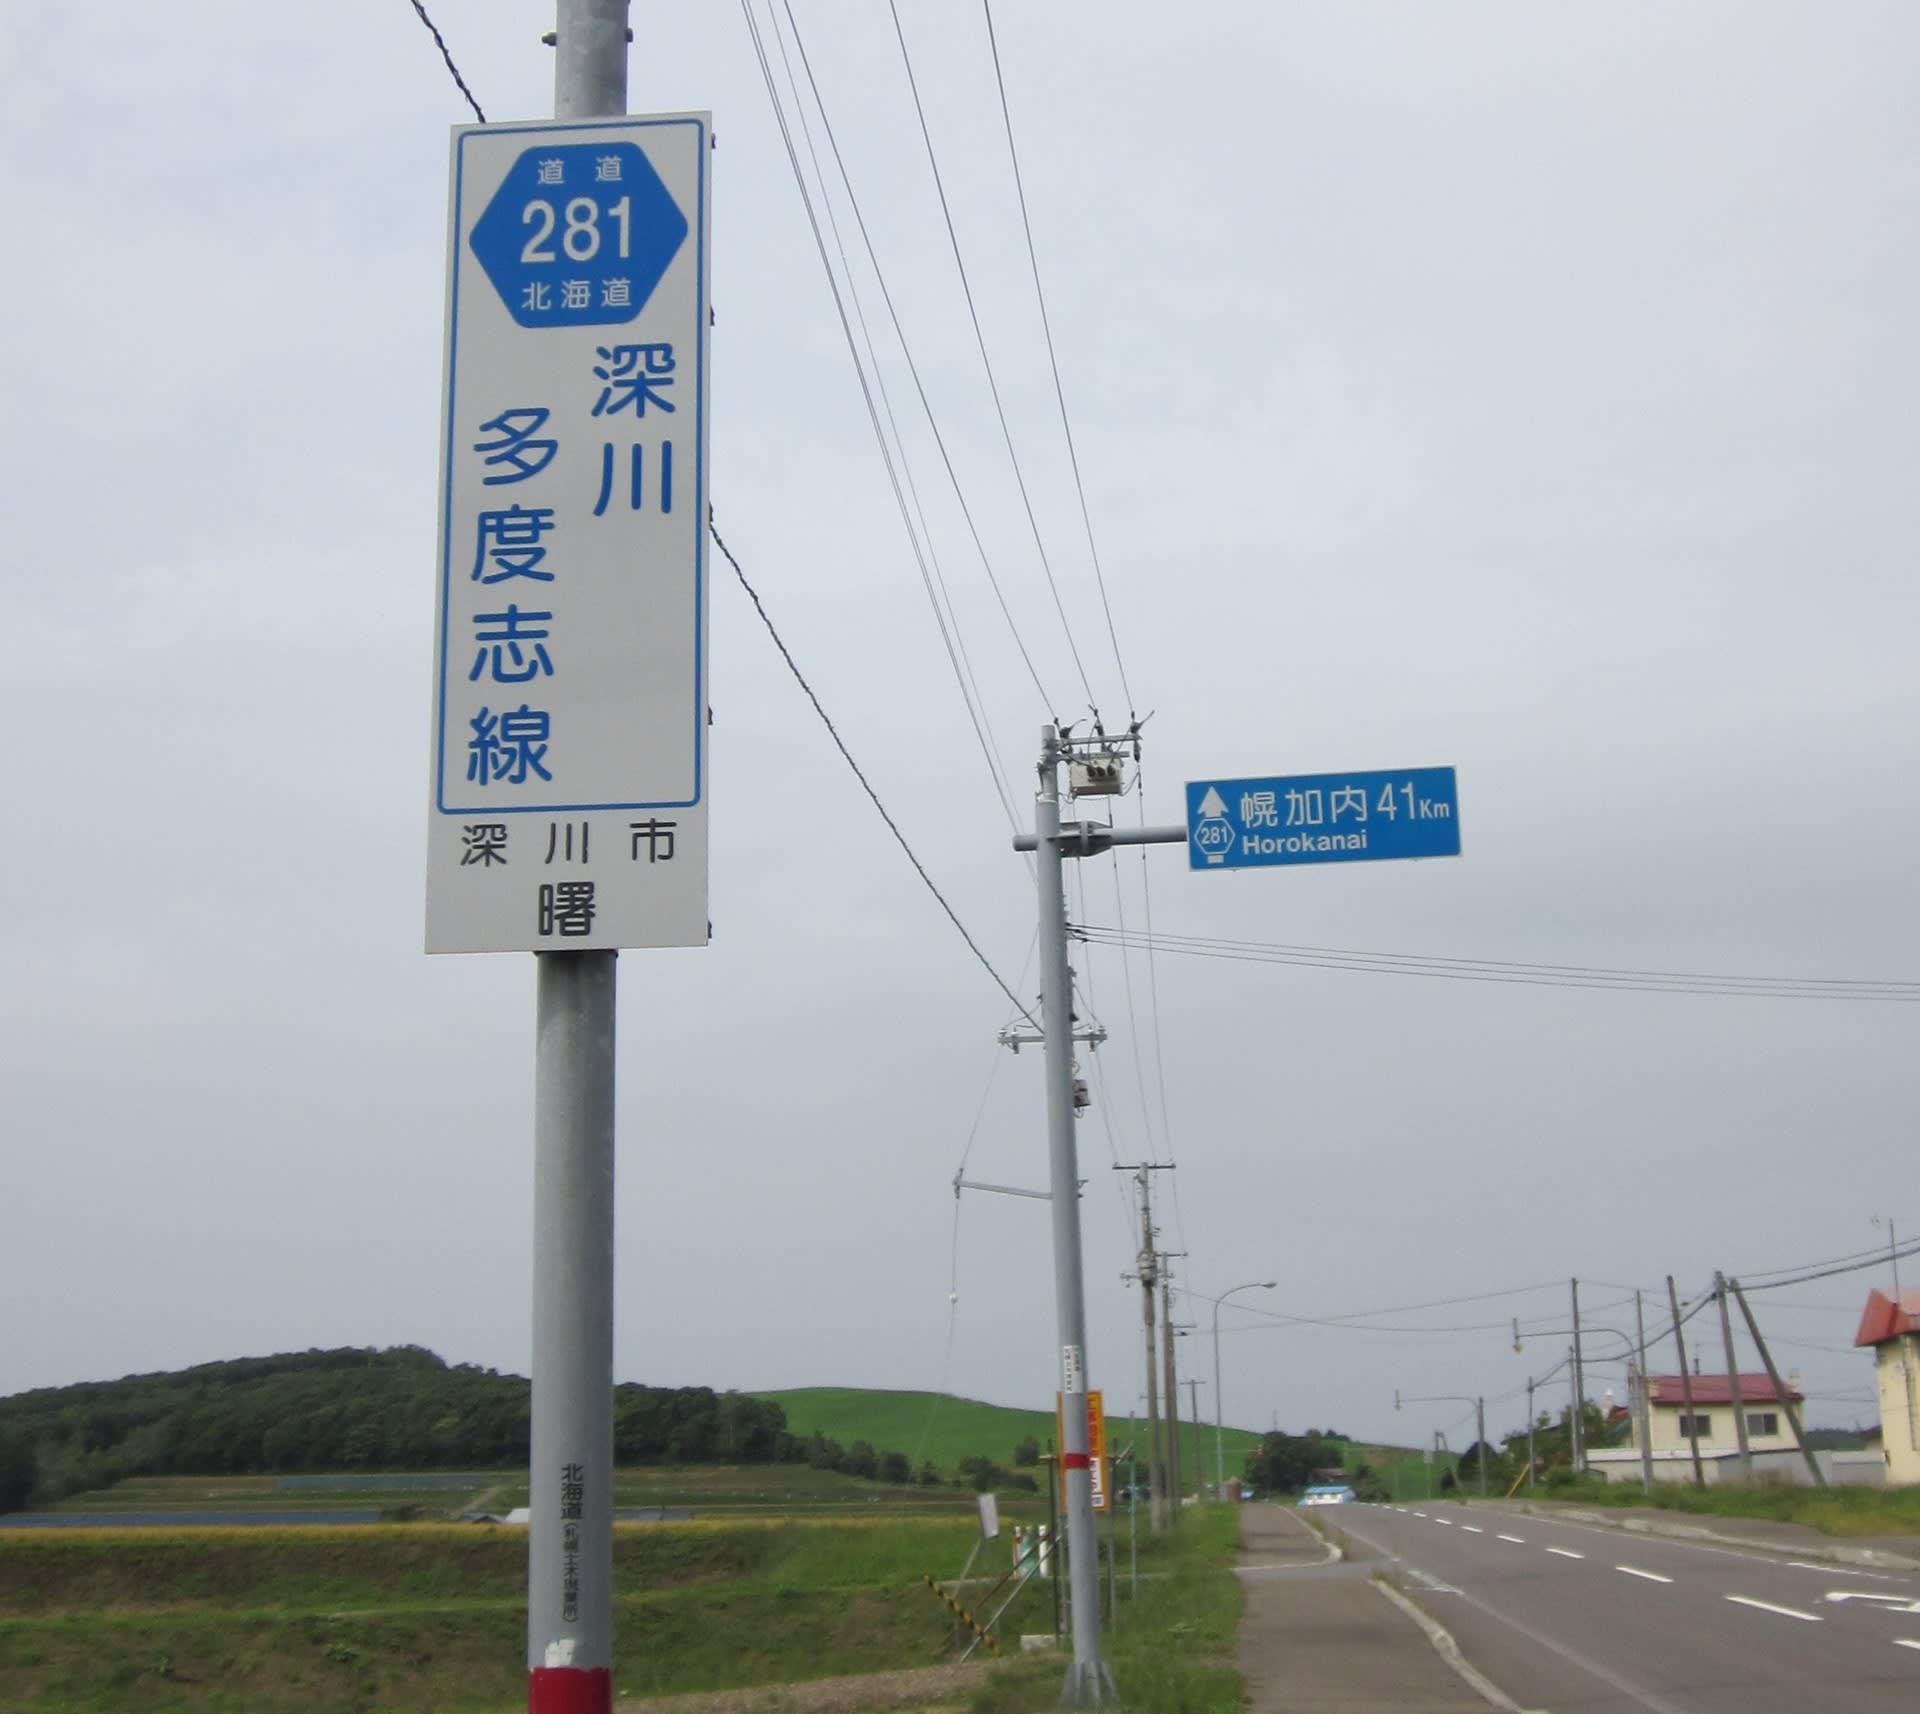 道道281号線から鷹泊へゴー - 鷹泊 昭和30年代